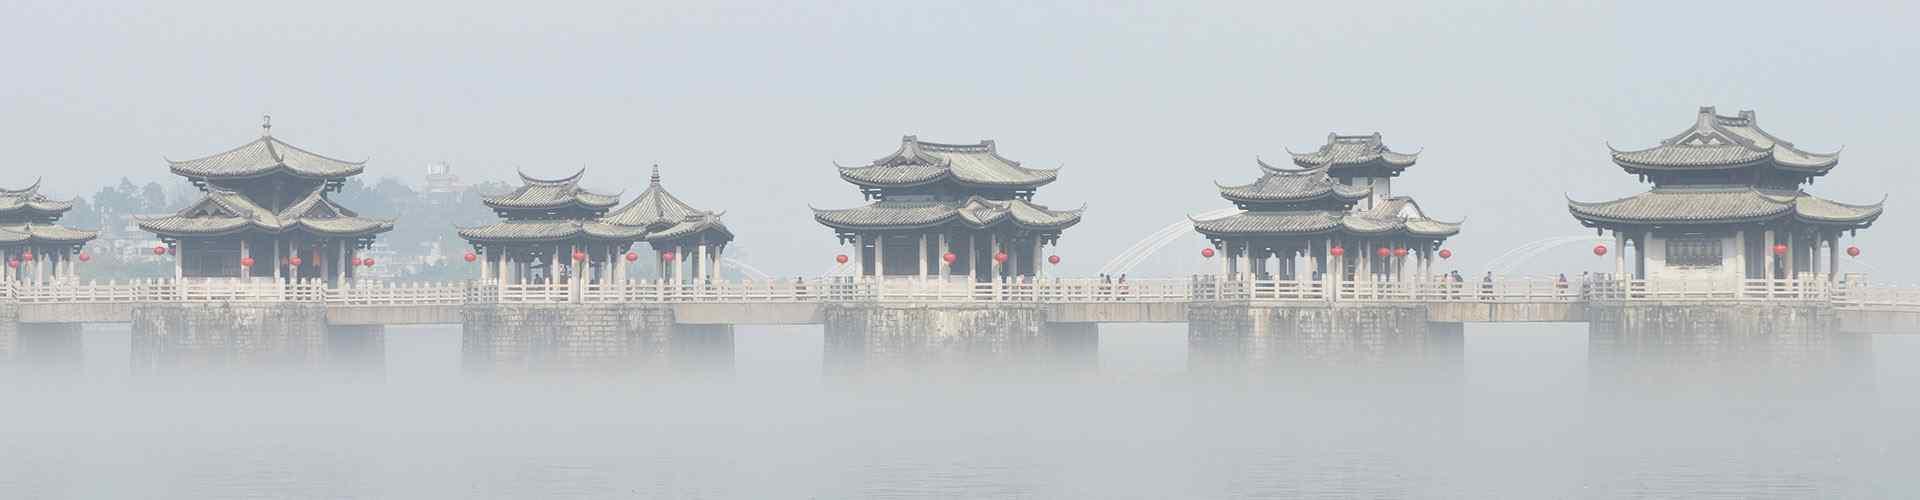 中国四大名桥_广济桥图片_卢沟桥图片_洛阳桥图片_赵州桥图片_桥梁图片